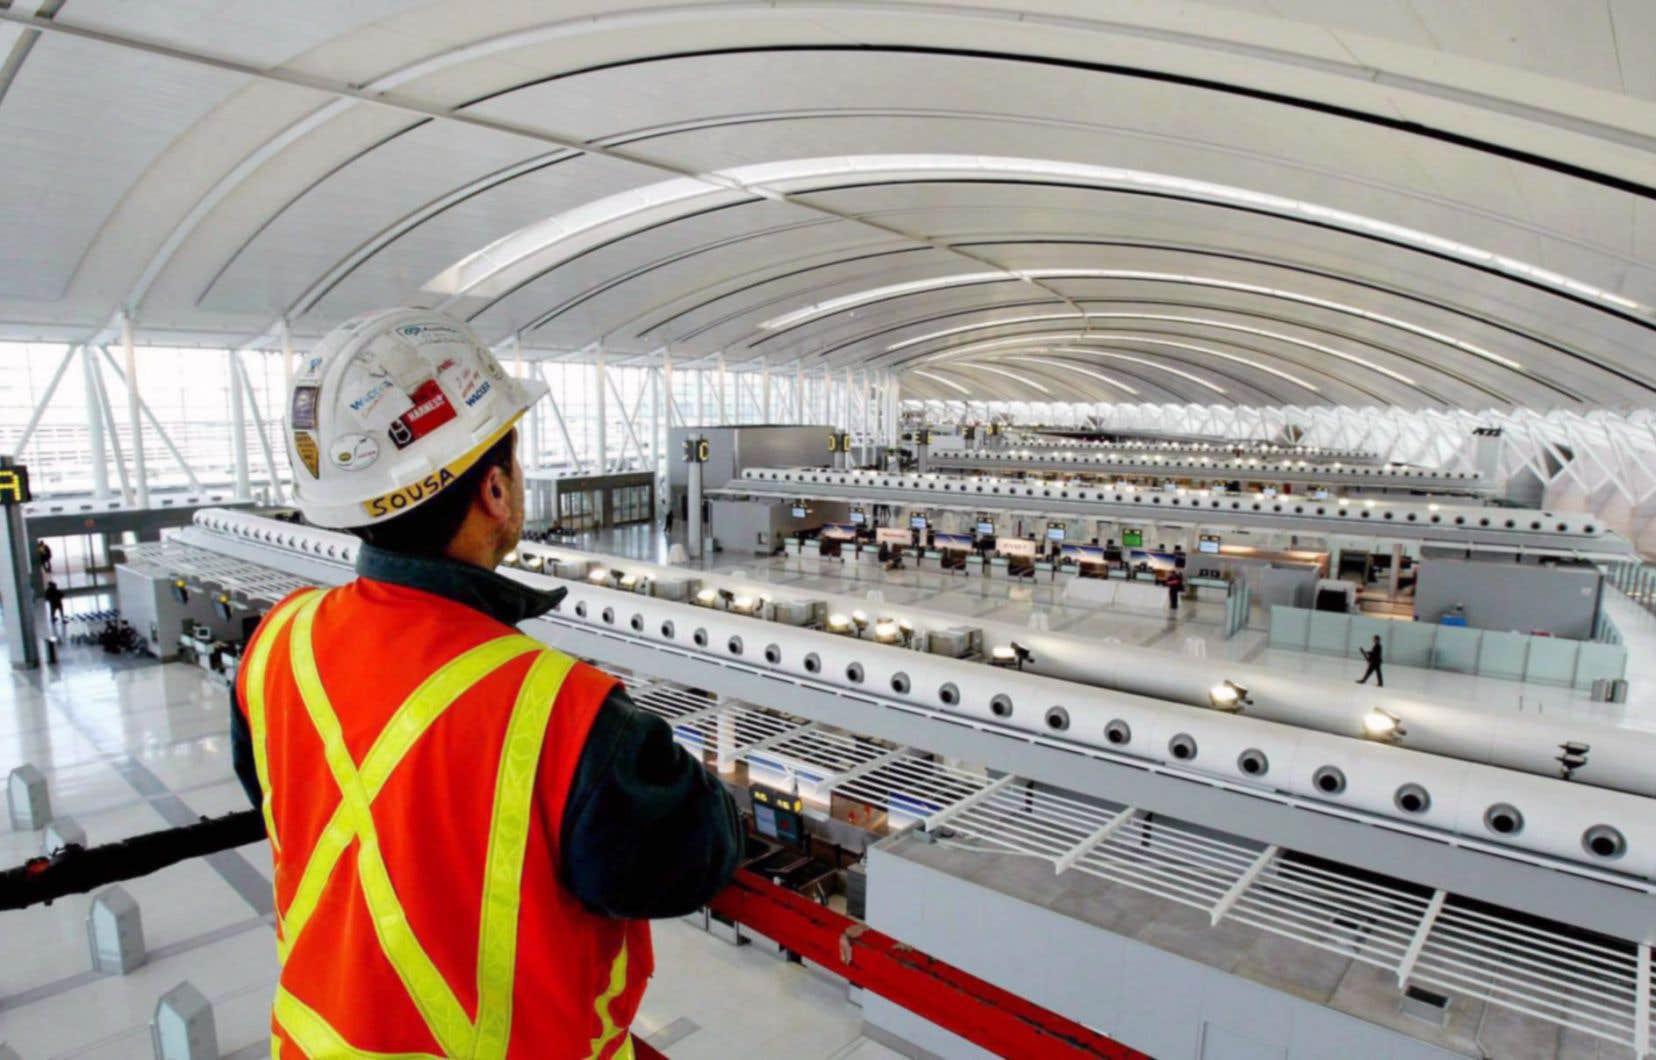 Un employé d'AECON surplombe, du haut de son élévateur à ciseaux, l'aéroport Pearson, à Toronto.